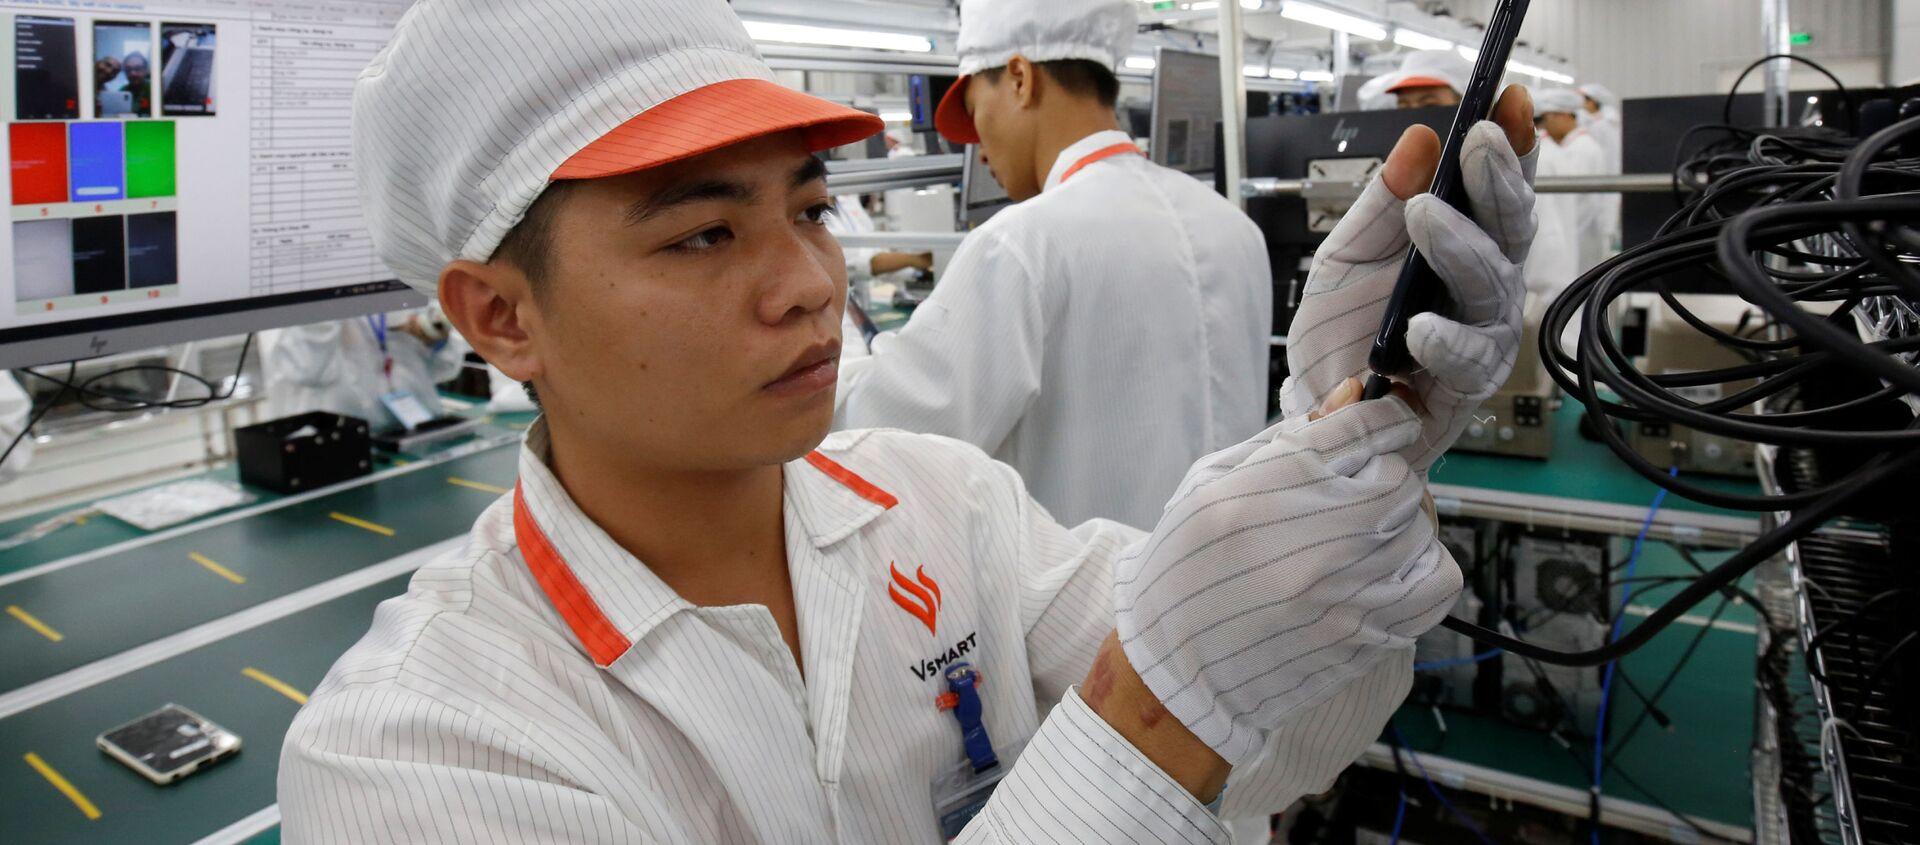 Sản xuất smartphone Vingroup Vsmart tại Hải Phòng, Việt Nam - Sputnik Việt Nam, 1920, 14.12.2018